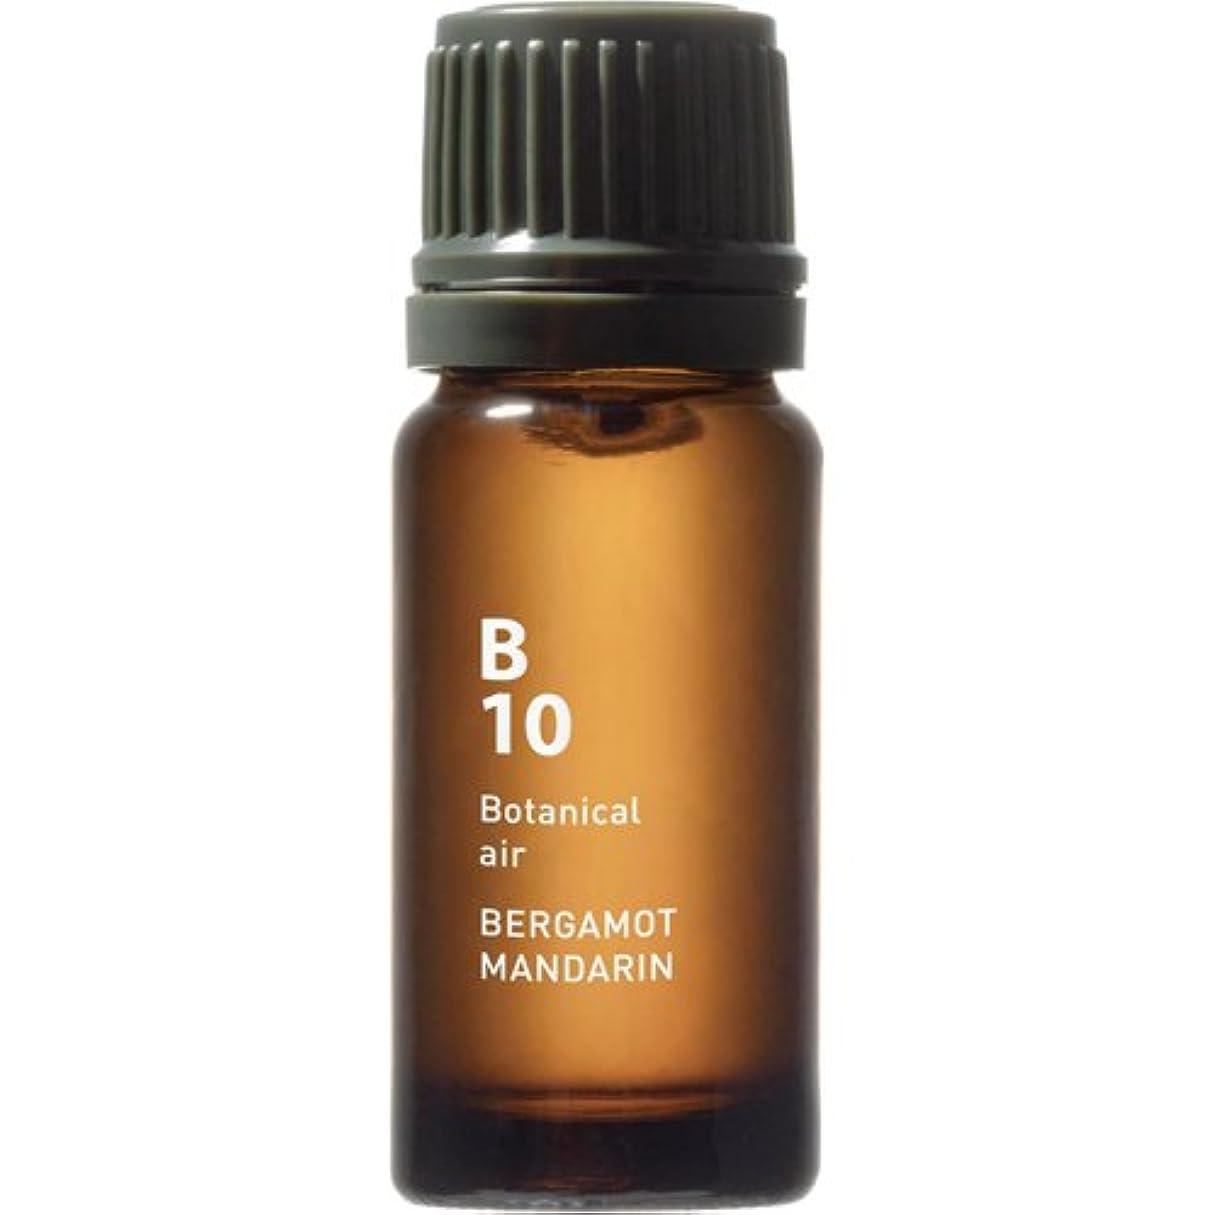 チーフ採用するあまりにもB10 ベルガモットマンダリン Botanical air(ボタニカルエアー) 10ml